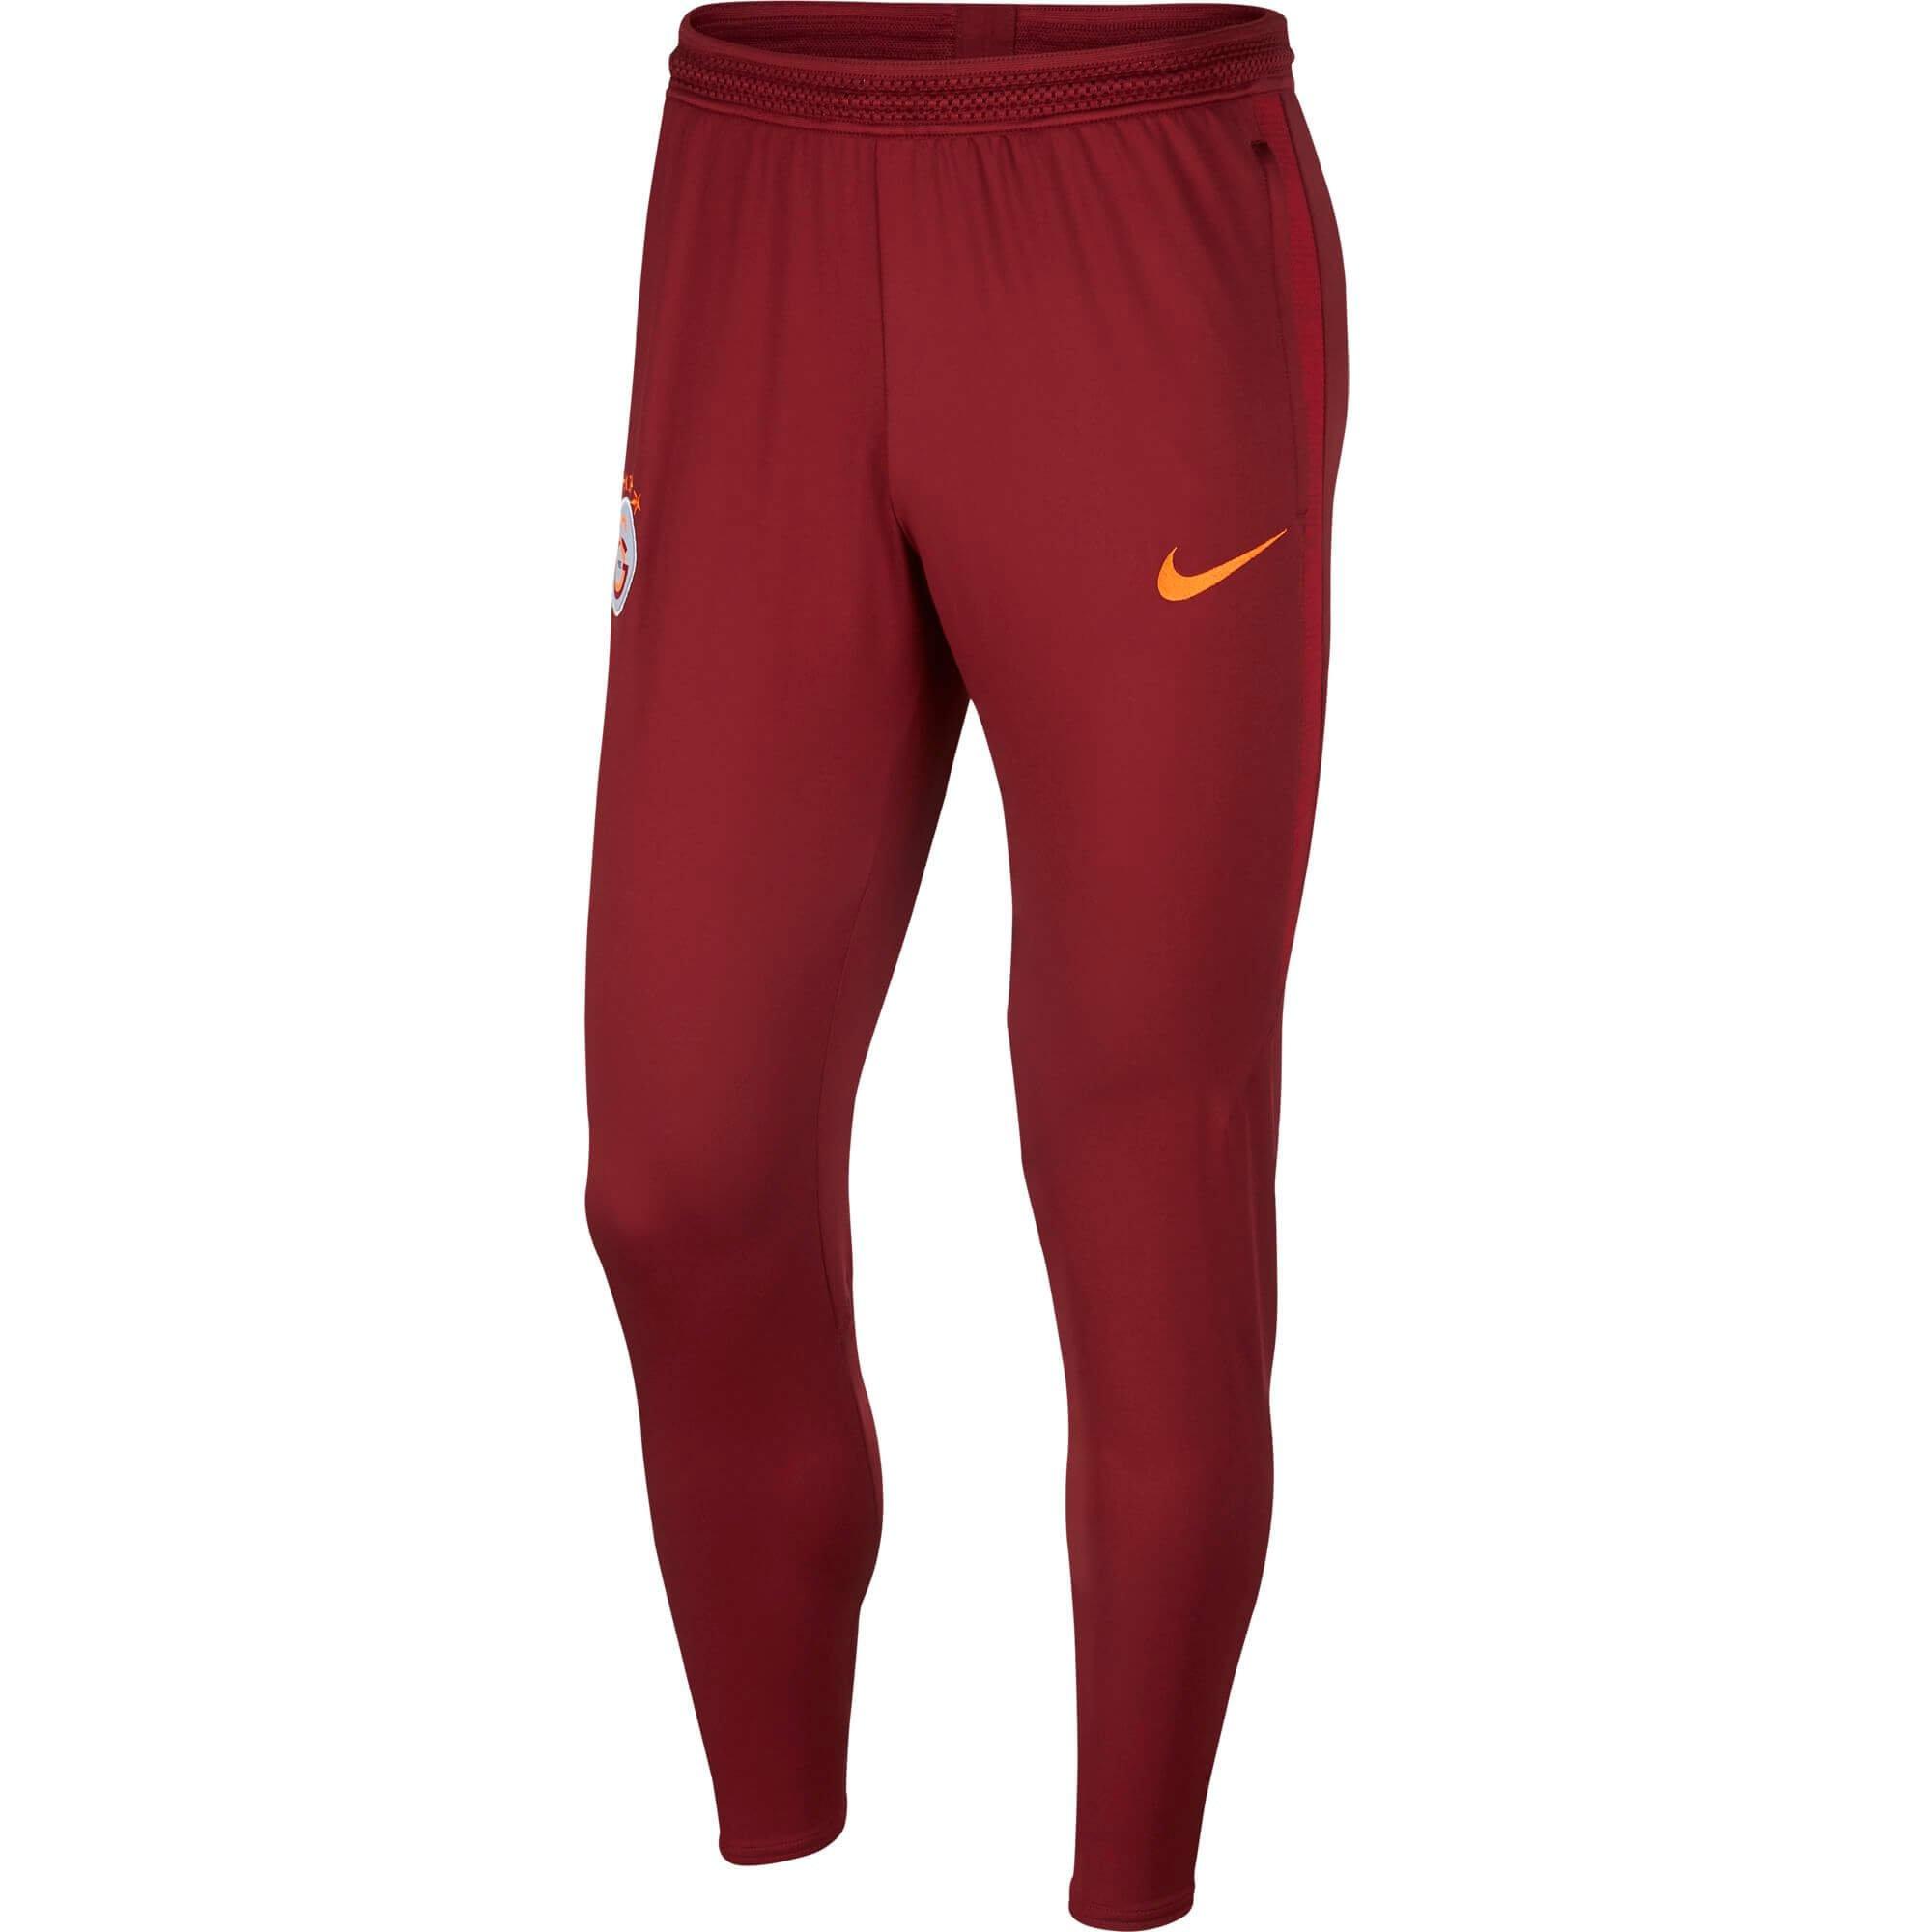 nike pantalon collection homme 2016 bordeau